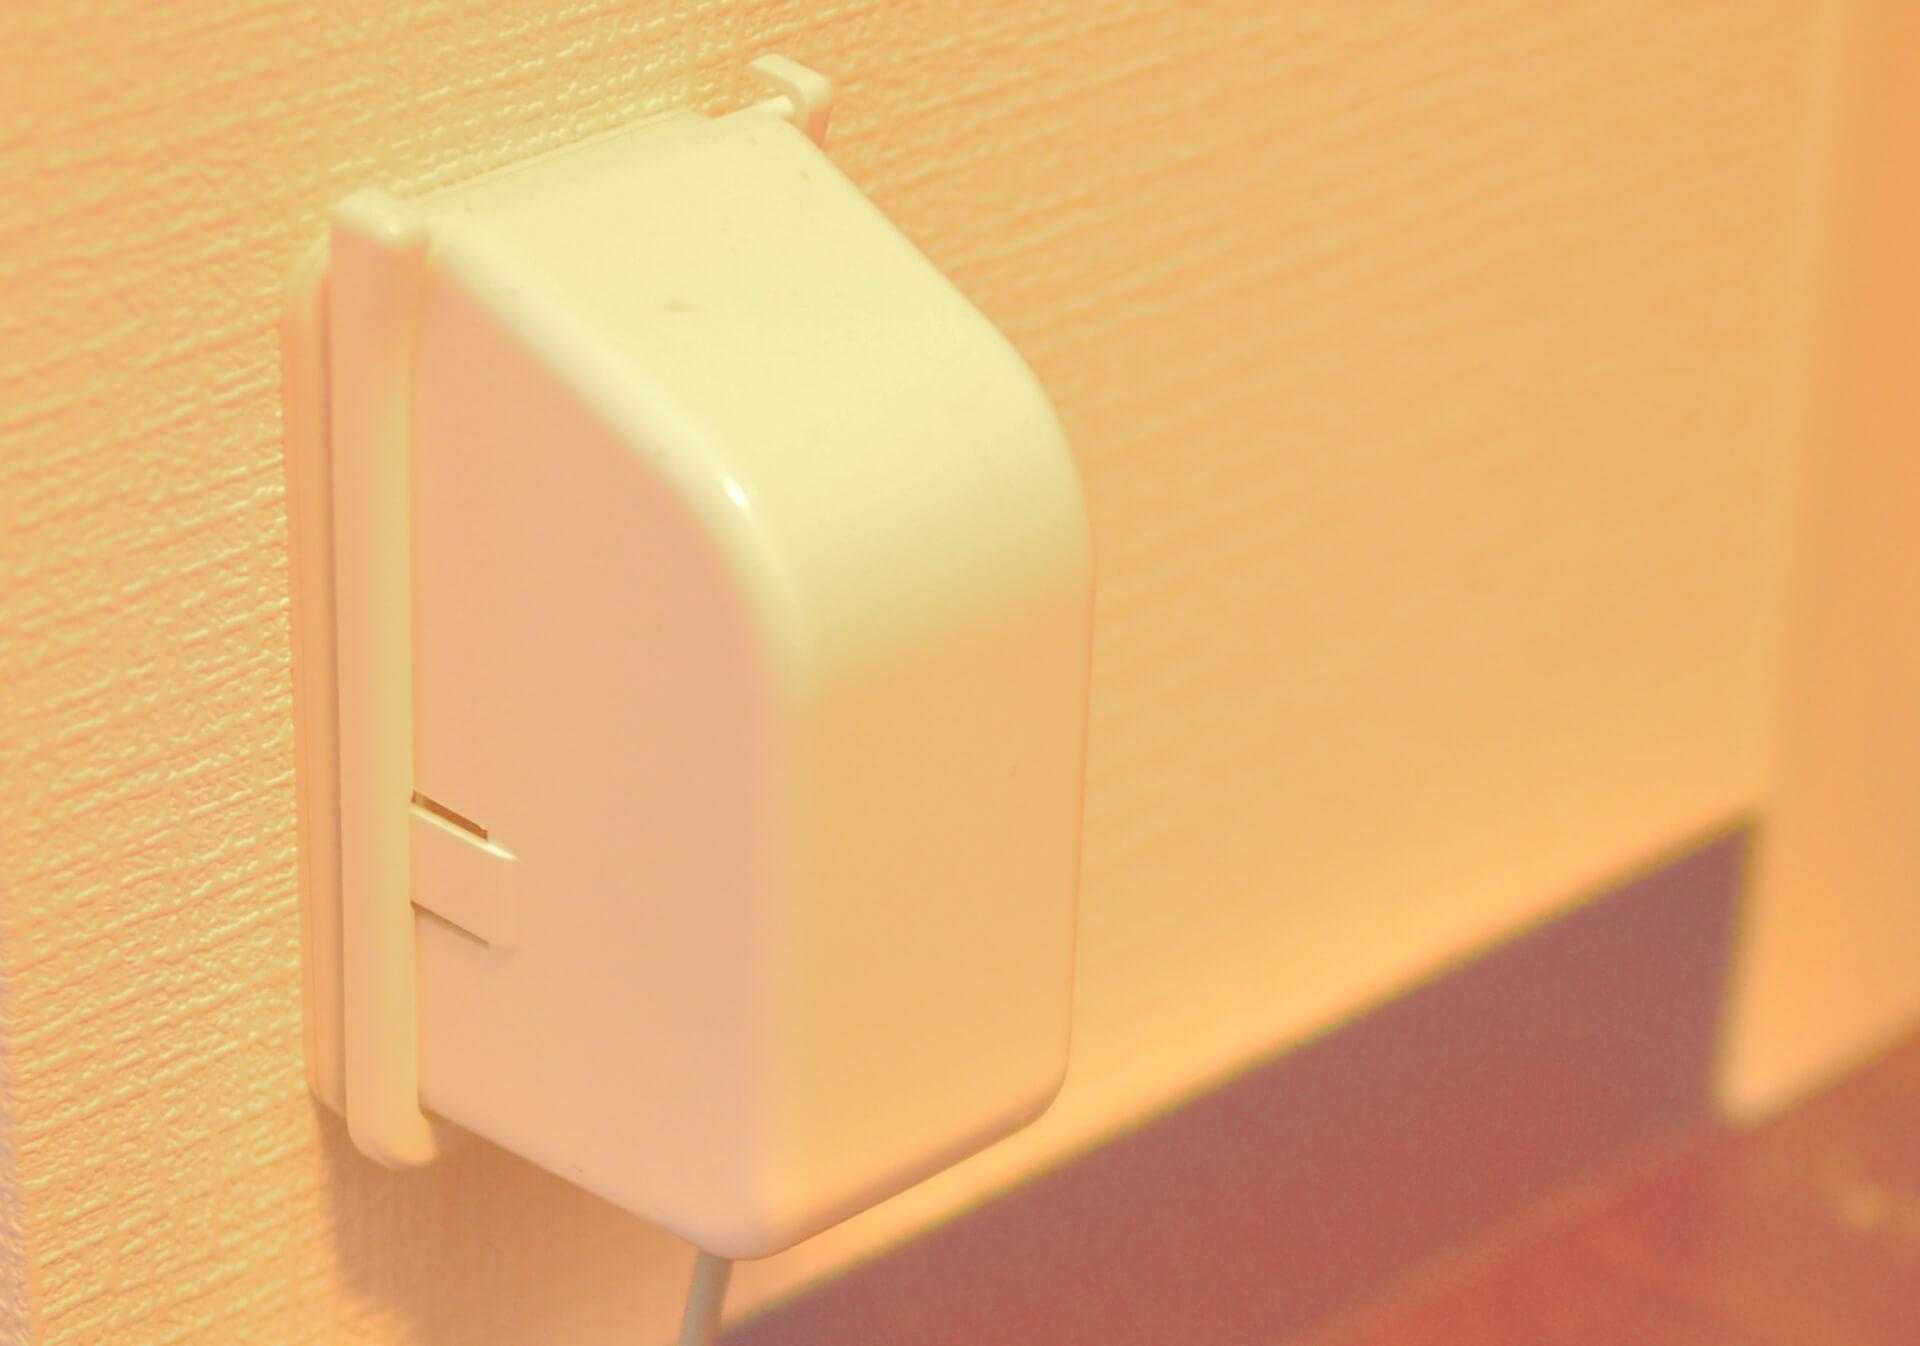 盗電の被害を調べる方法と対策について